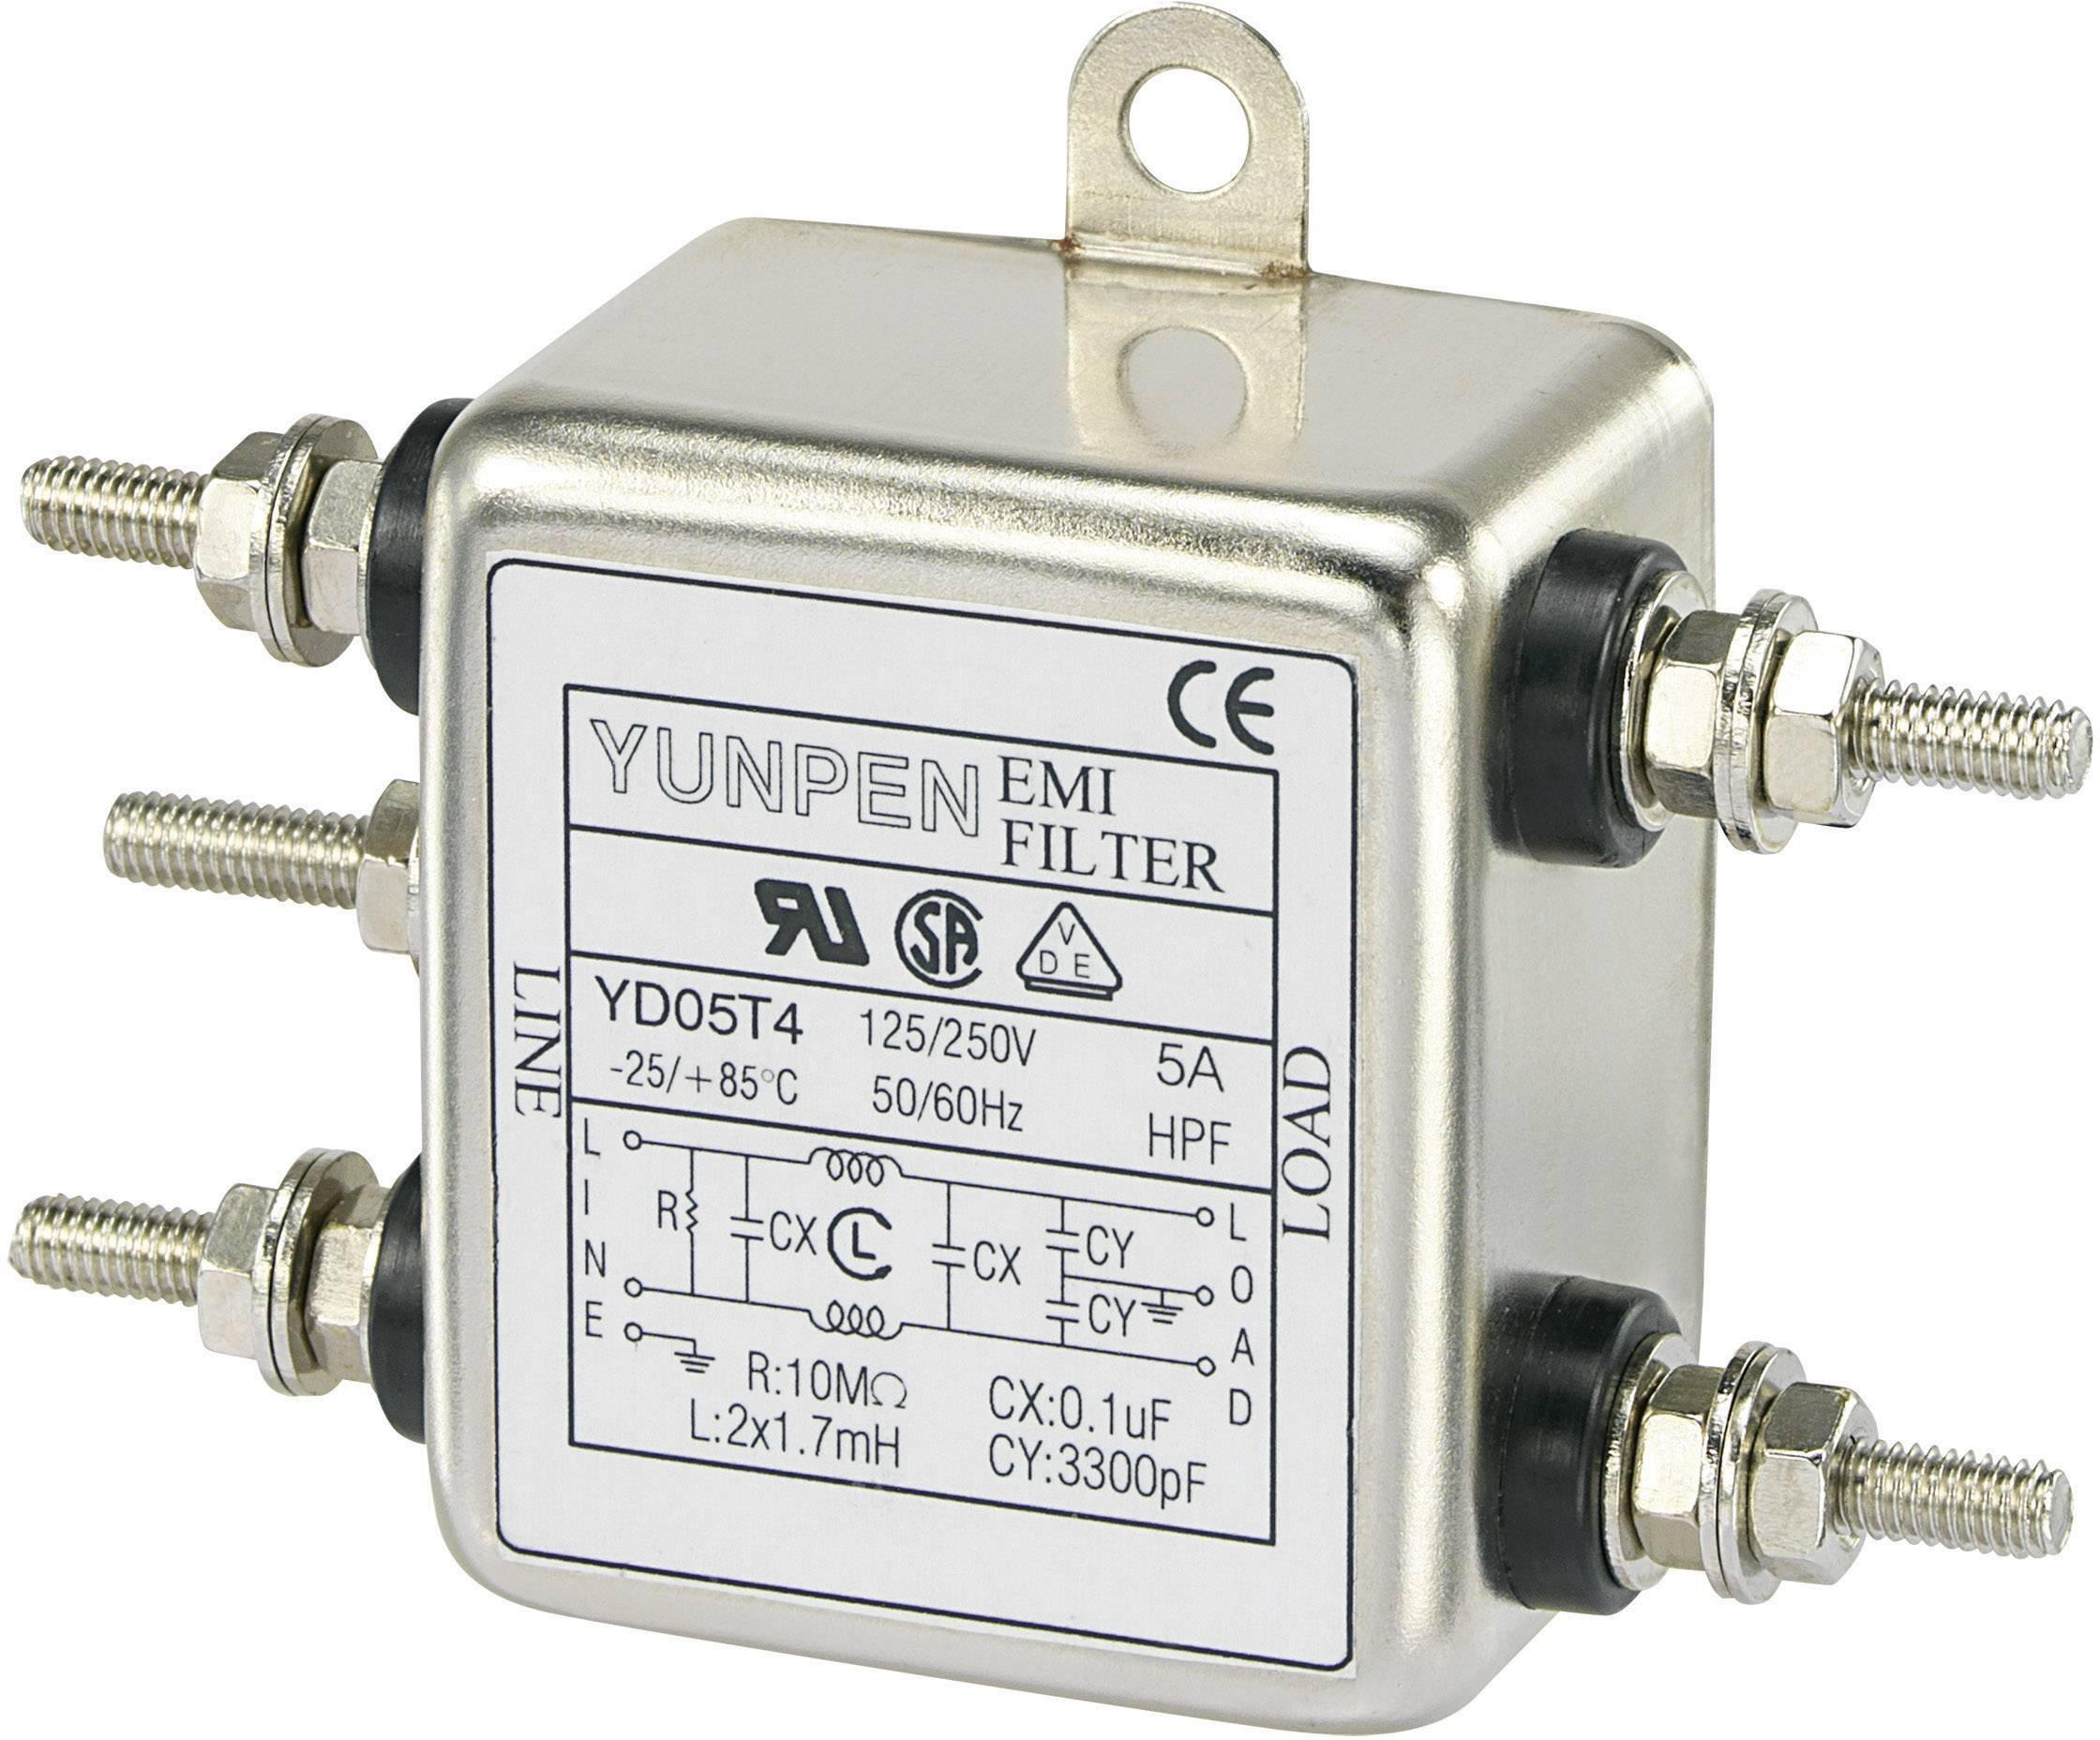 Odrušovací filtr Yunpen YD05T4, 250 V/AC, 250 V/AC, 5 A